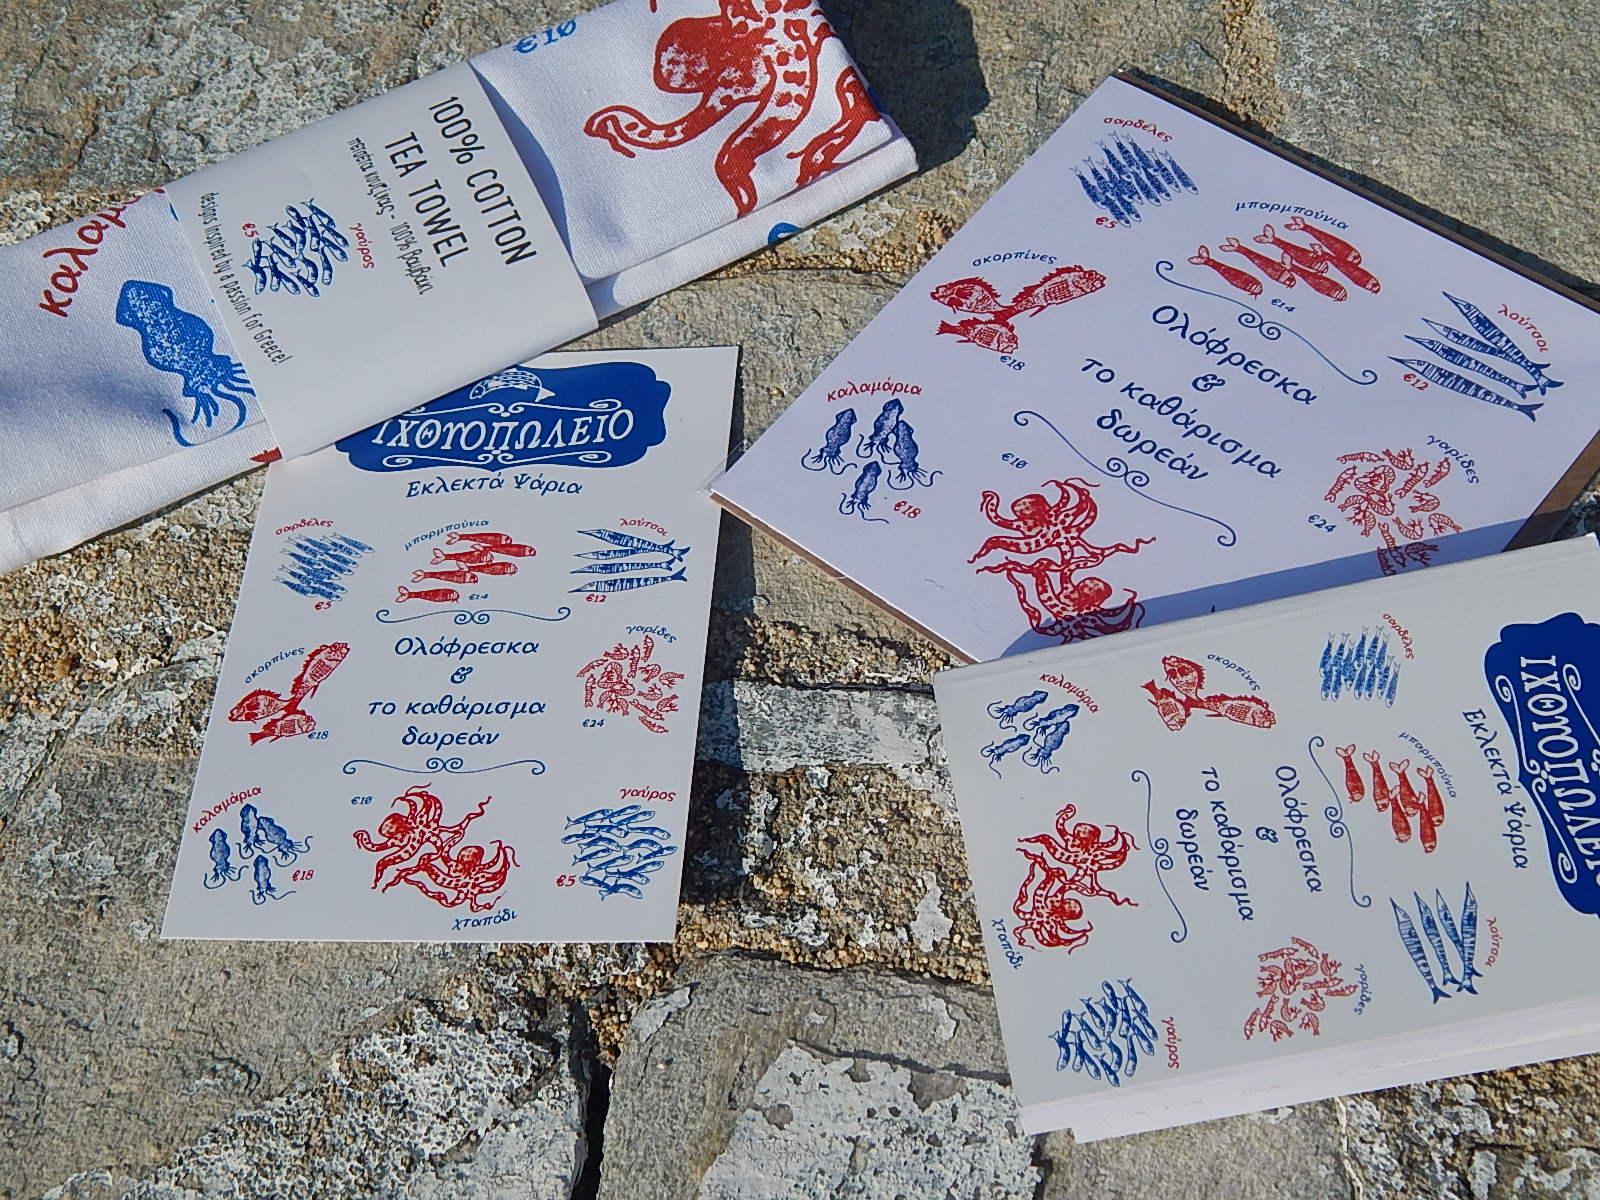 Greek Fishmonger Items